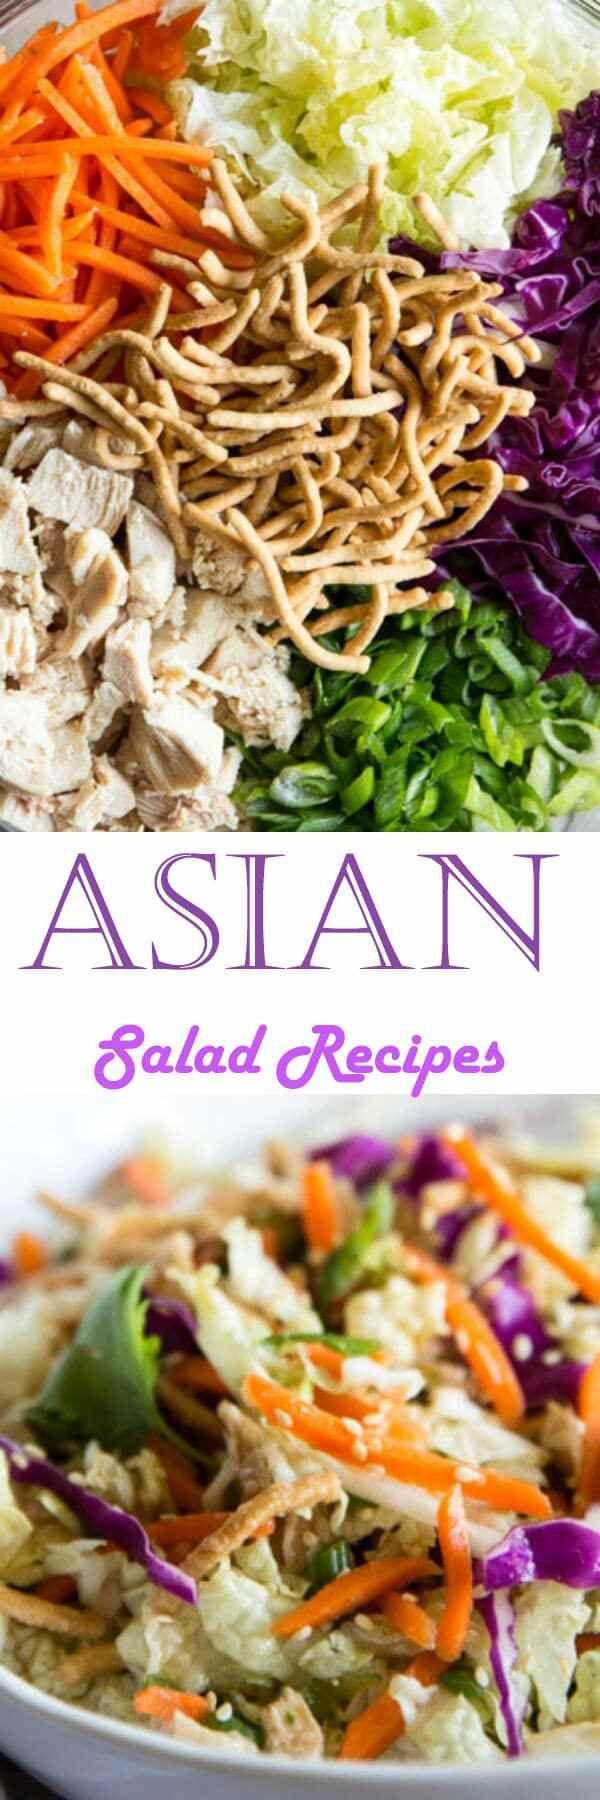 Asian Salad Recipes